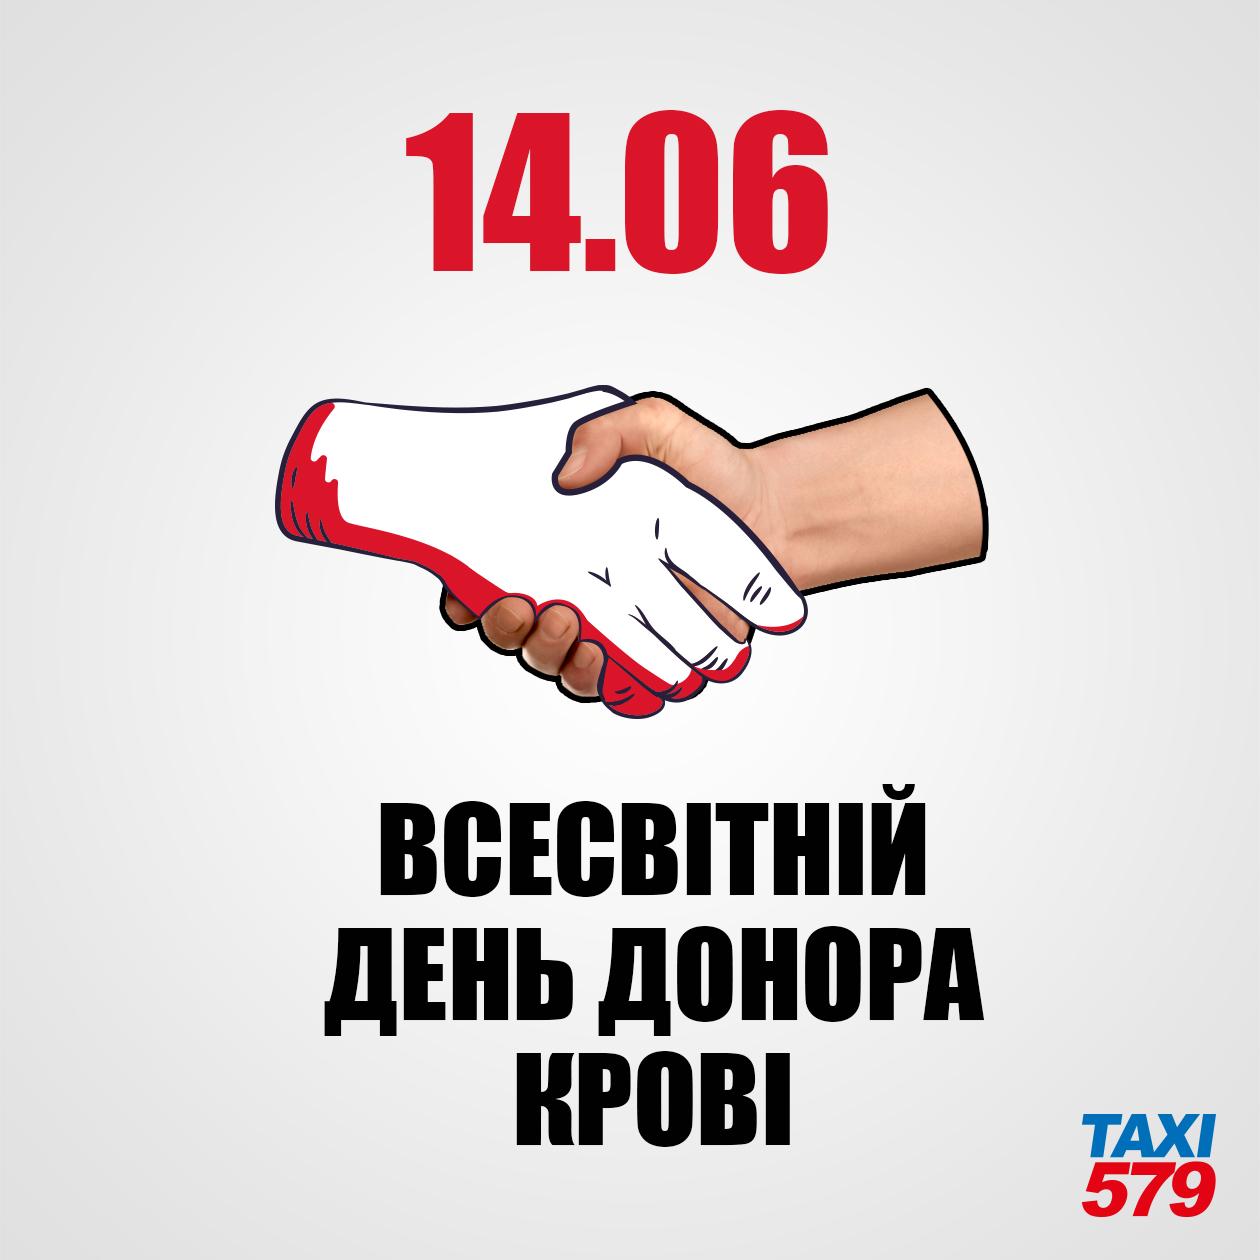 Служба Таксі Оптимальне 579 долучиться до Всесвітнього Дня Донора!